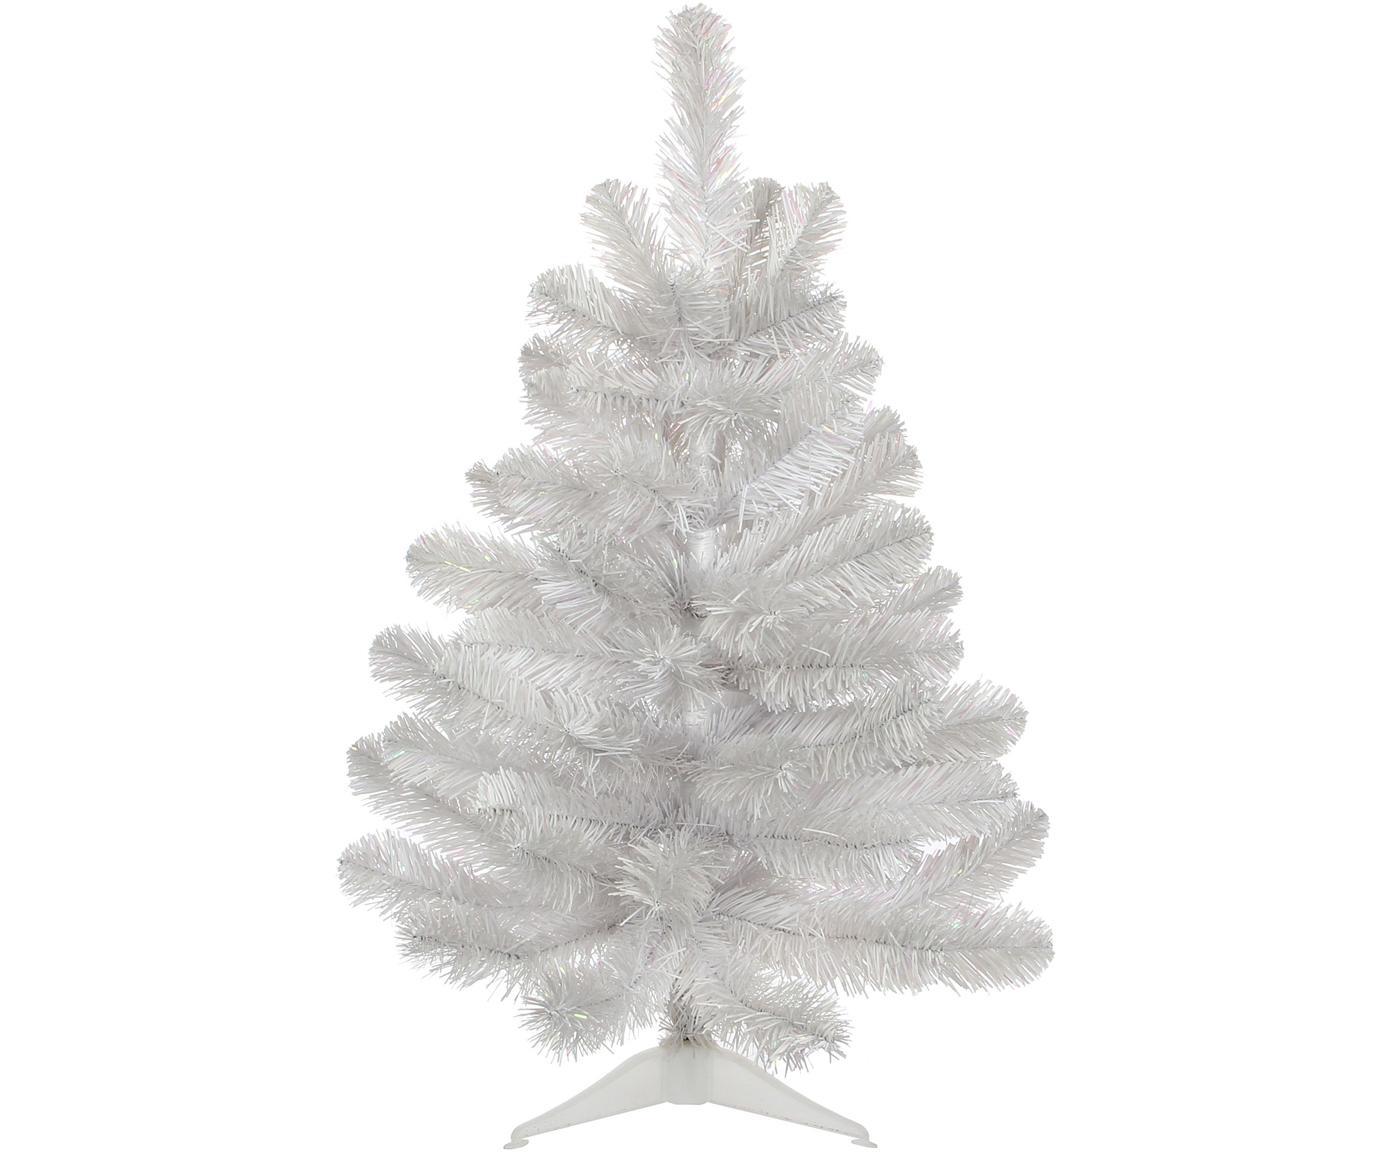 Decoratieve kerstboom Icelandic, Kunststof (PVC), Wit, iriserend, Ø 46 cm